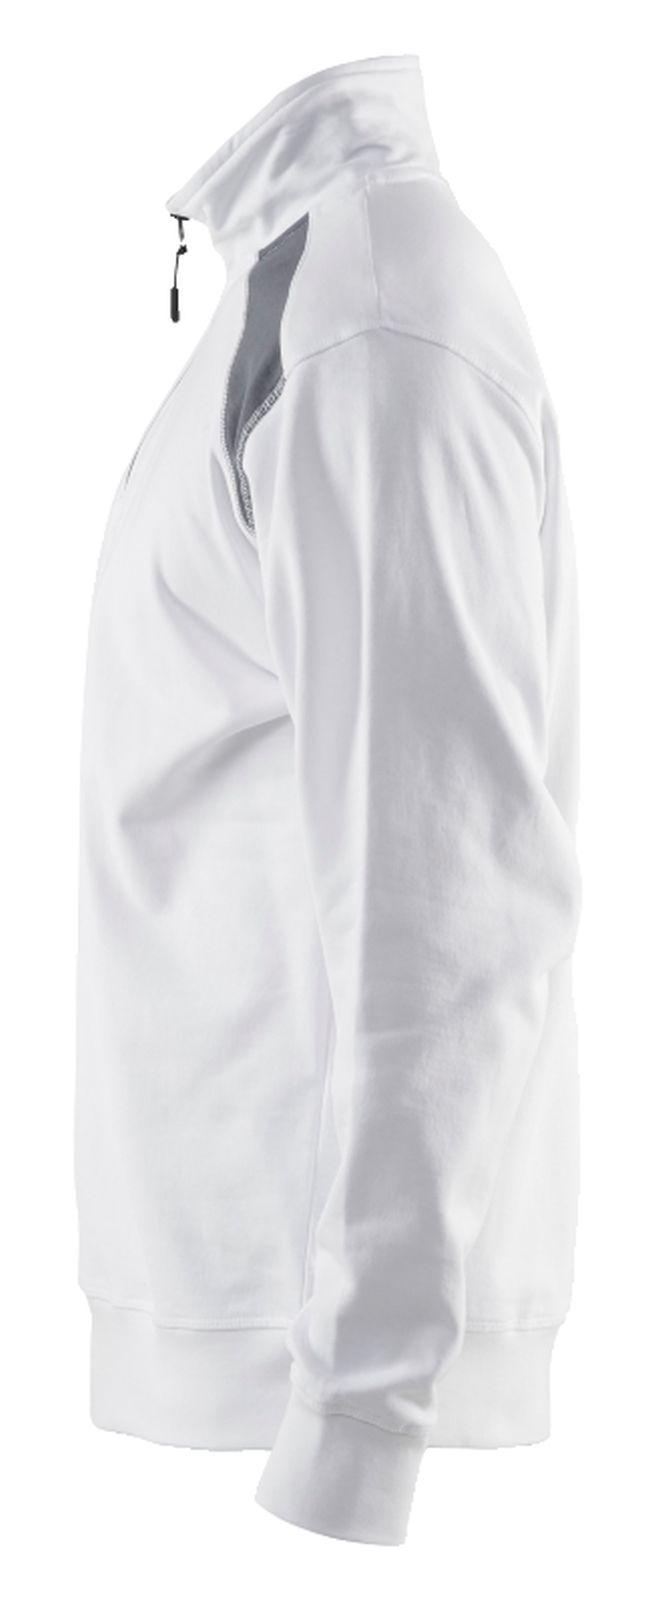 Blaklader Sweatshirts 33531158 wit-grijs(1094)